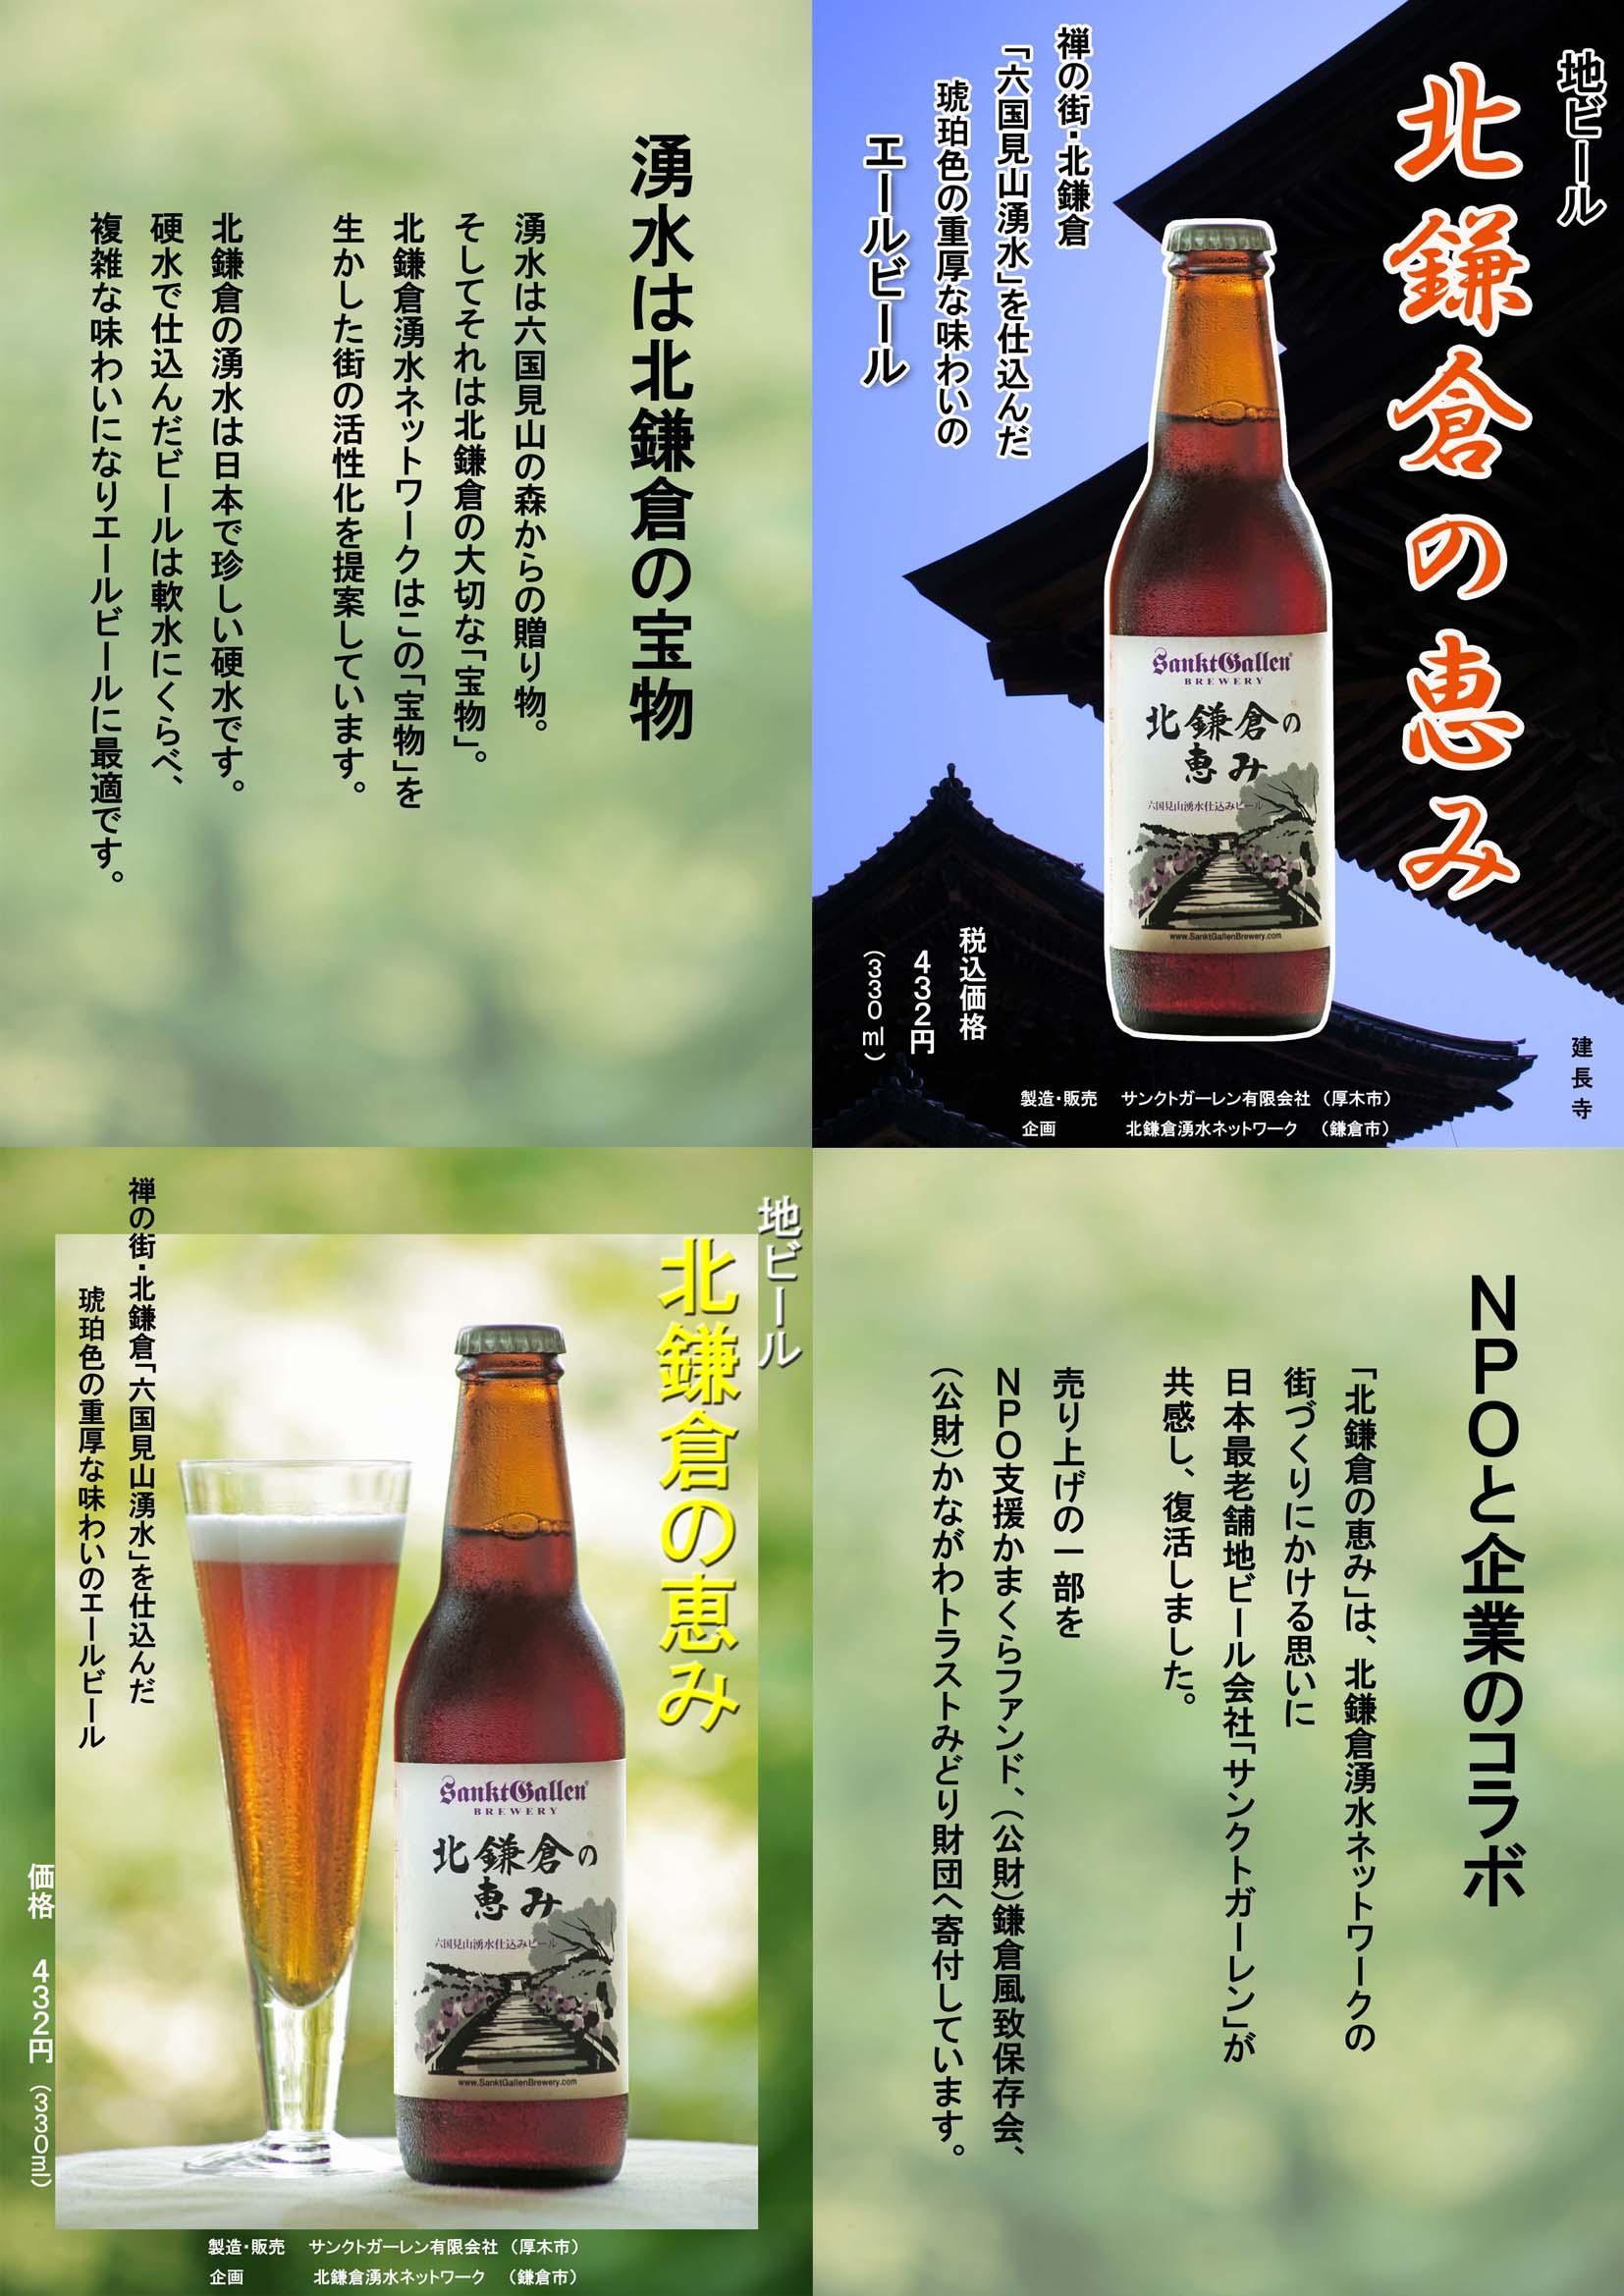 新北鎌倉の恵みプロジェクトを日本パートナーシップ大賞に応募_c0014967_748751.jpg